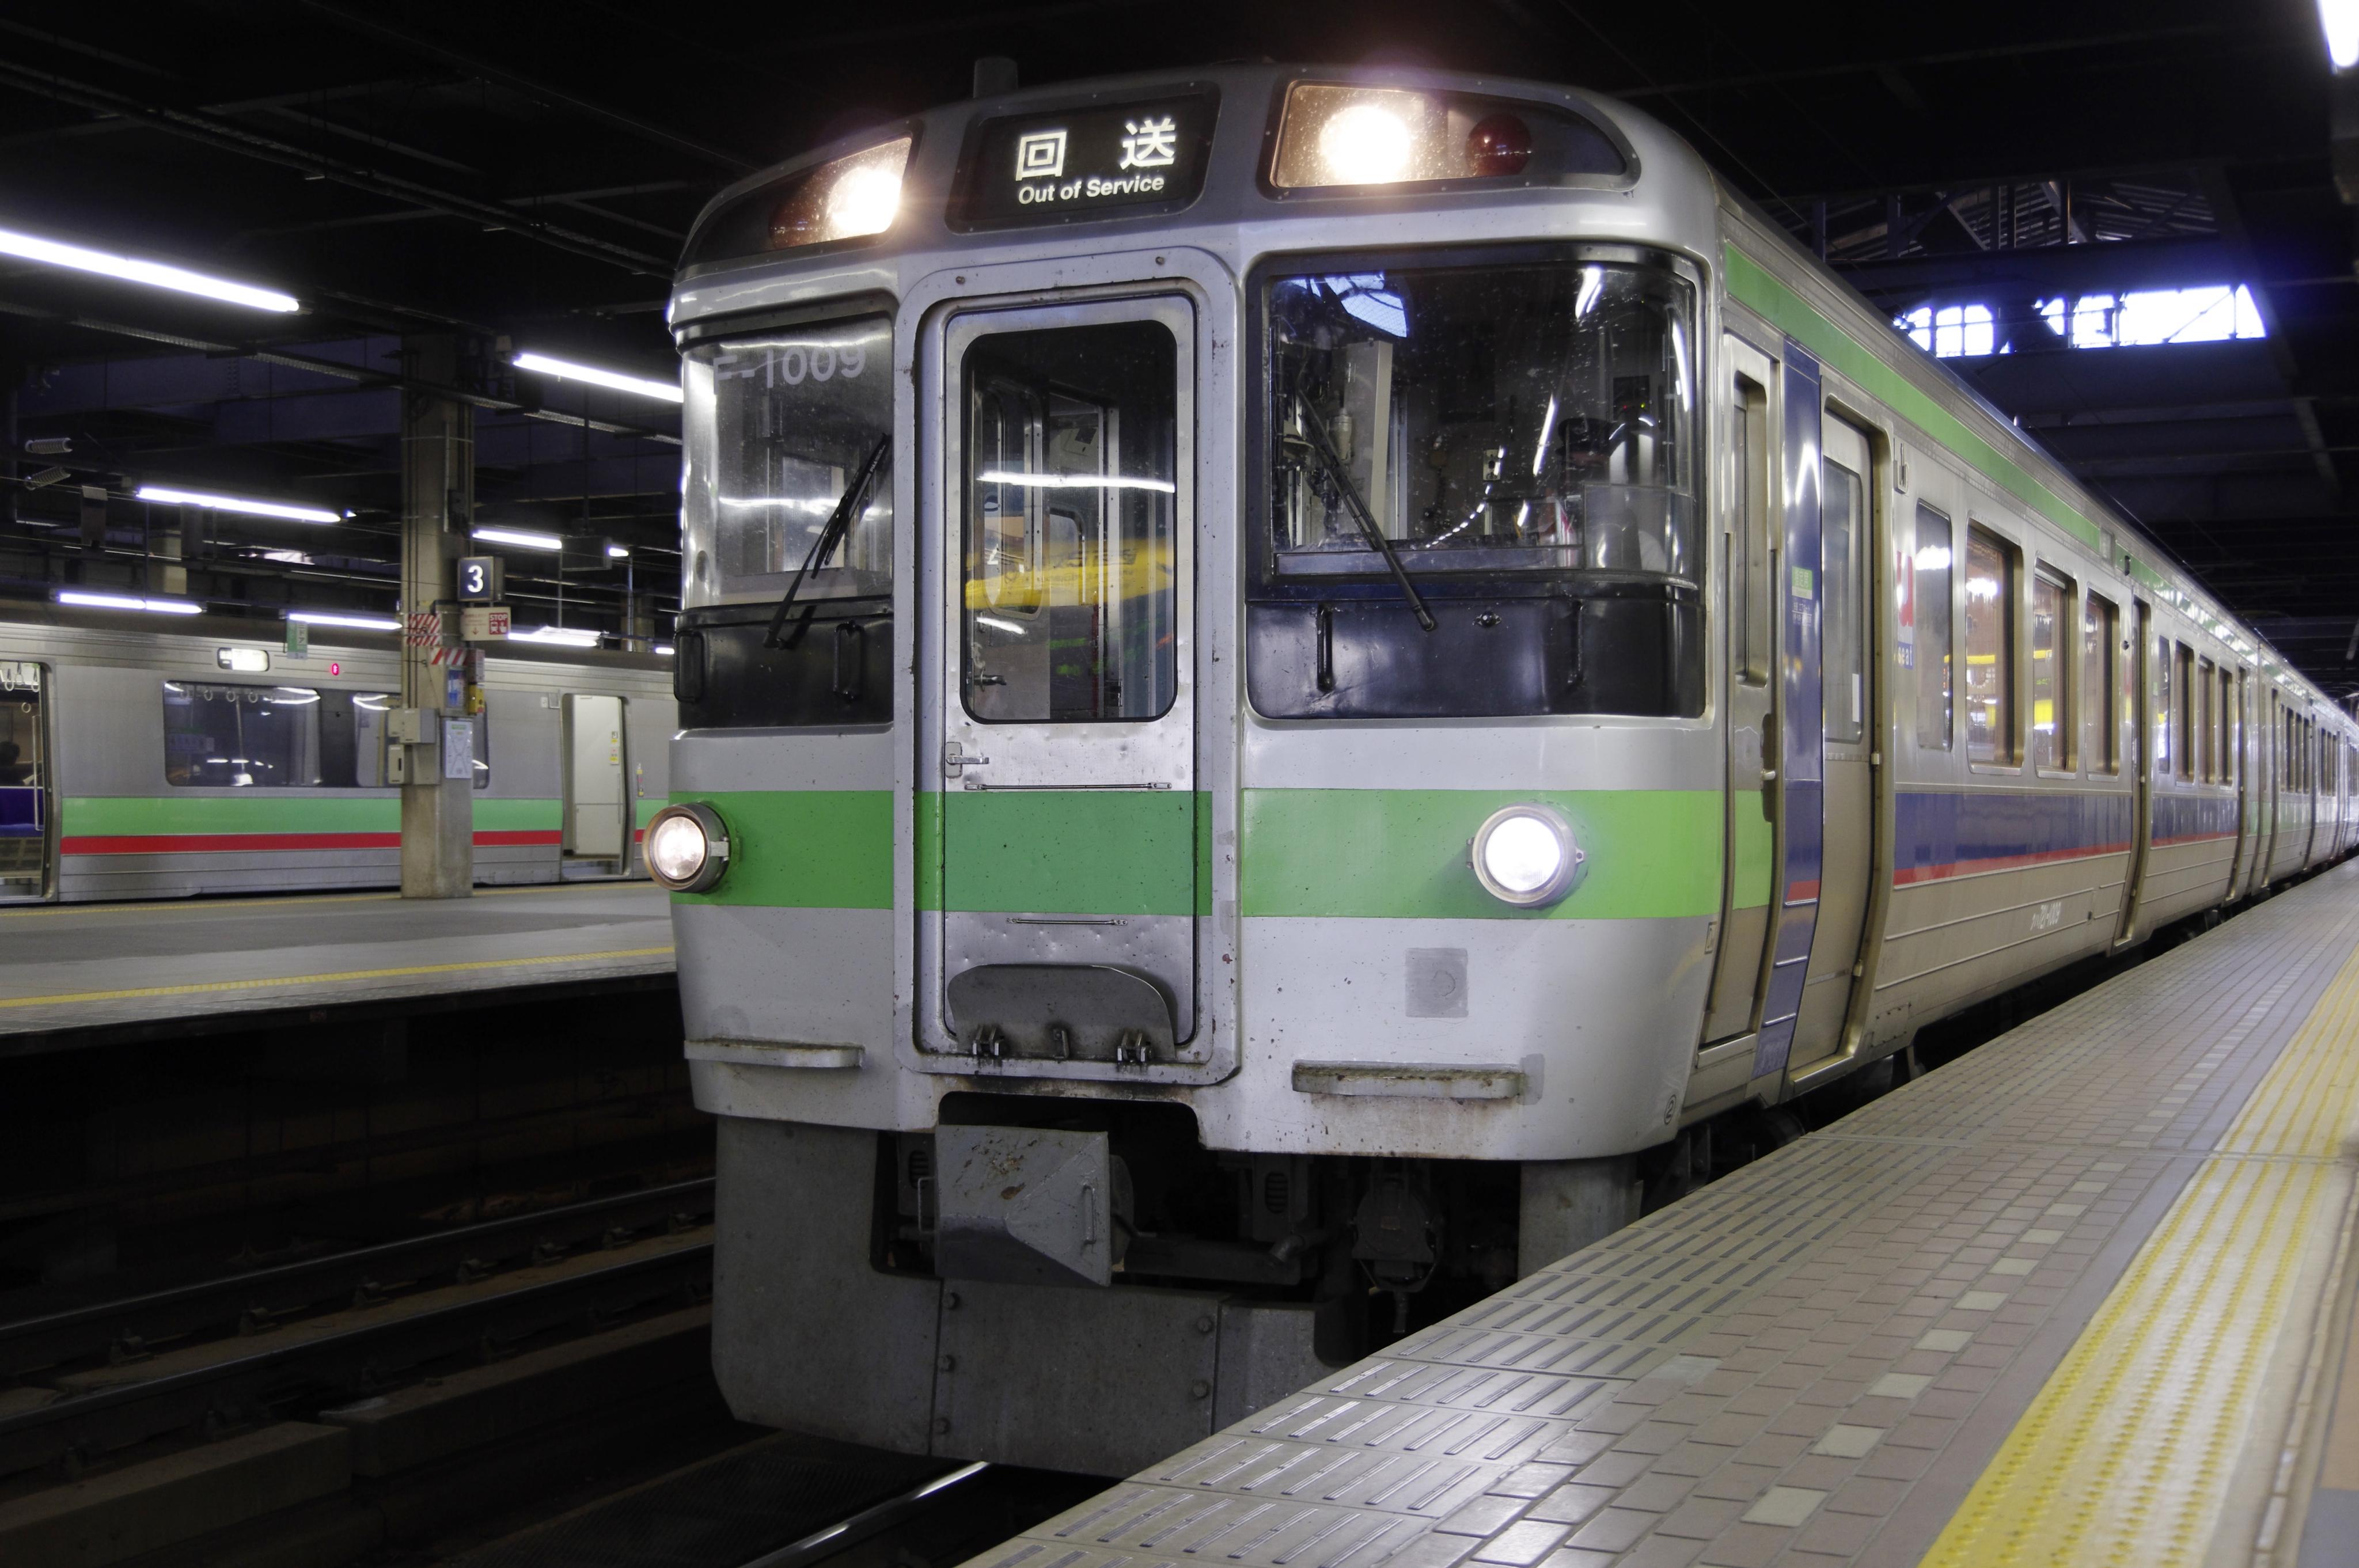 札幌駅 721系F1009編成 回送幕_180520.jpg